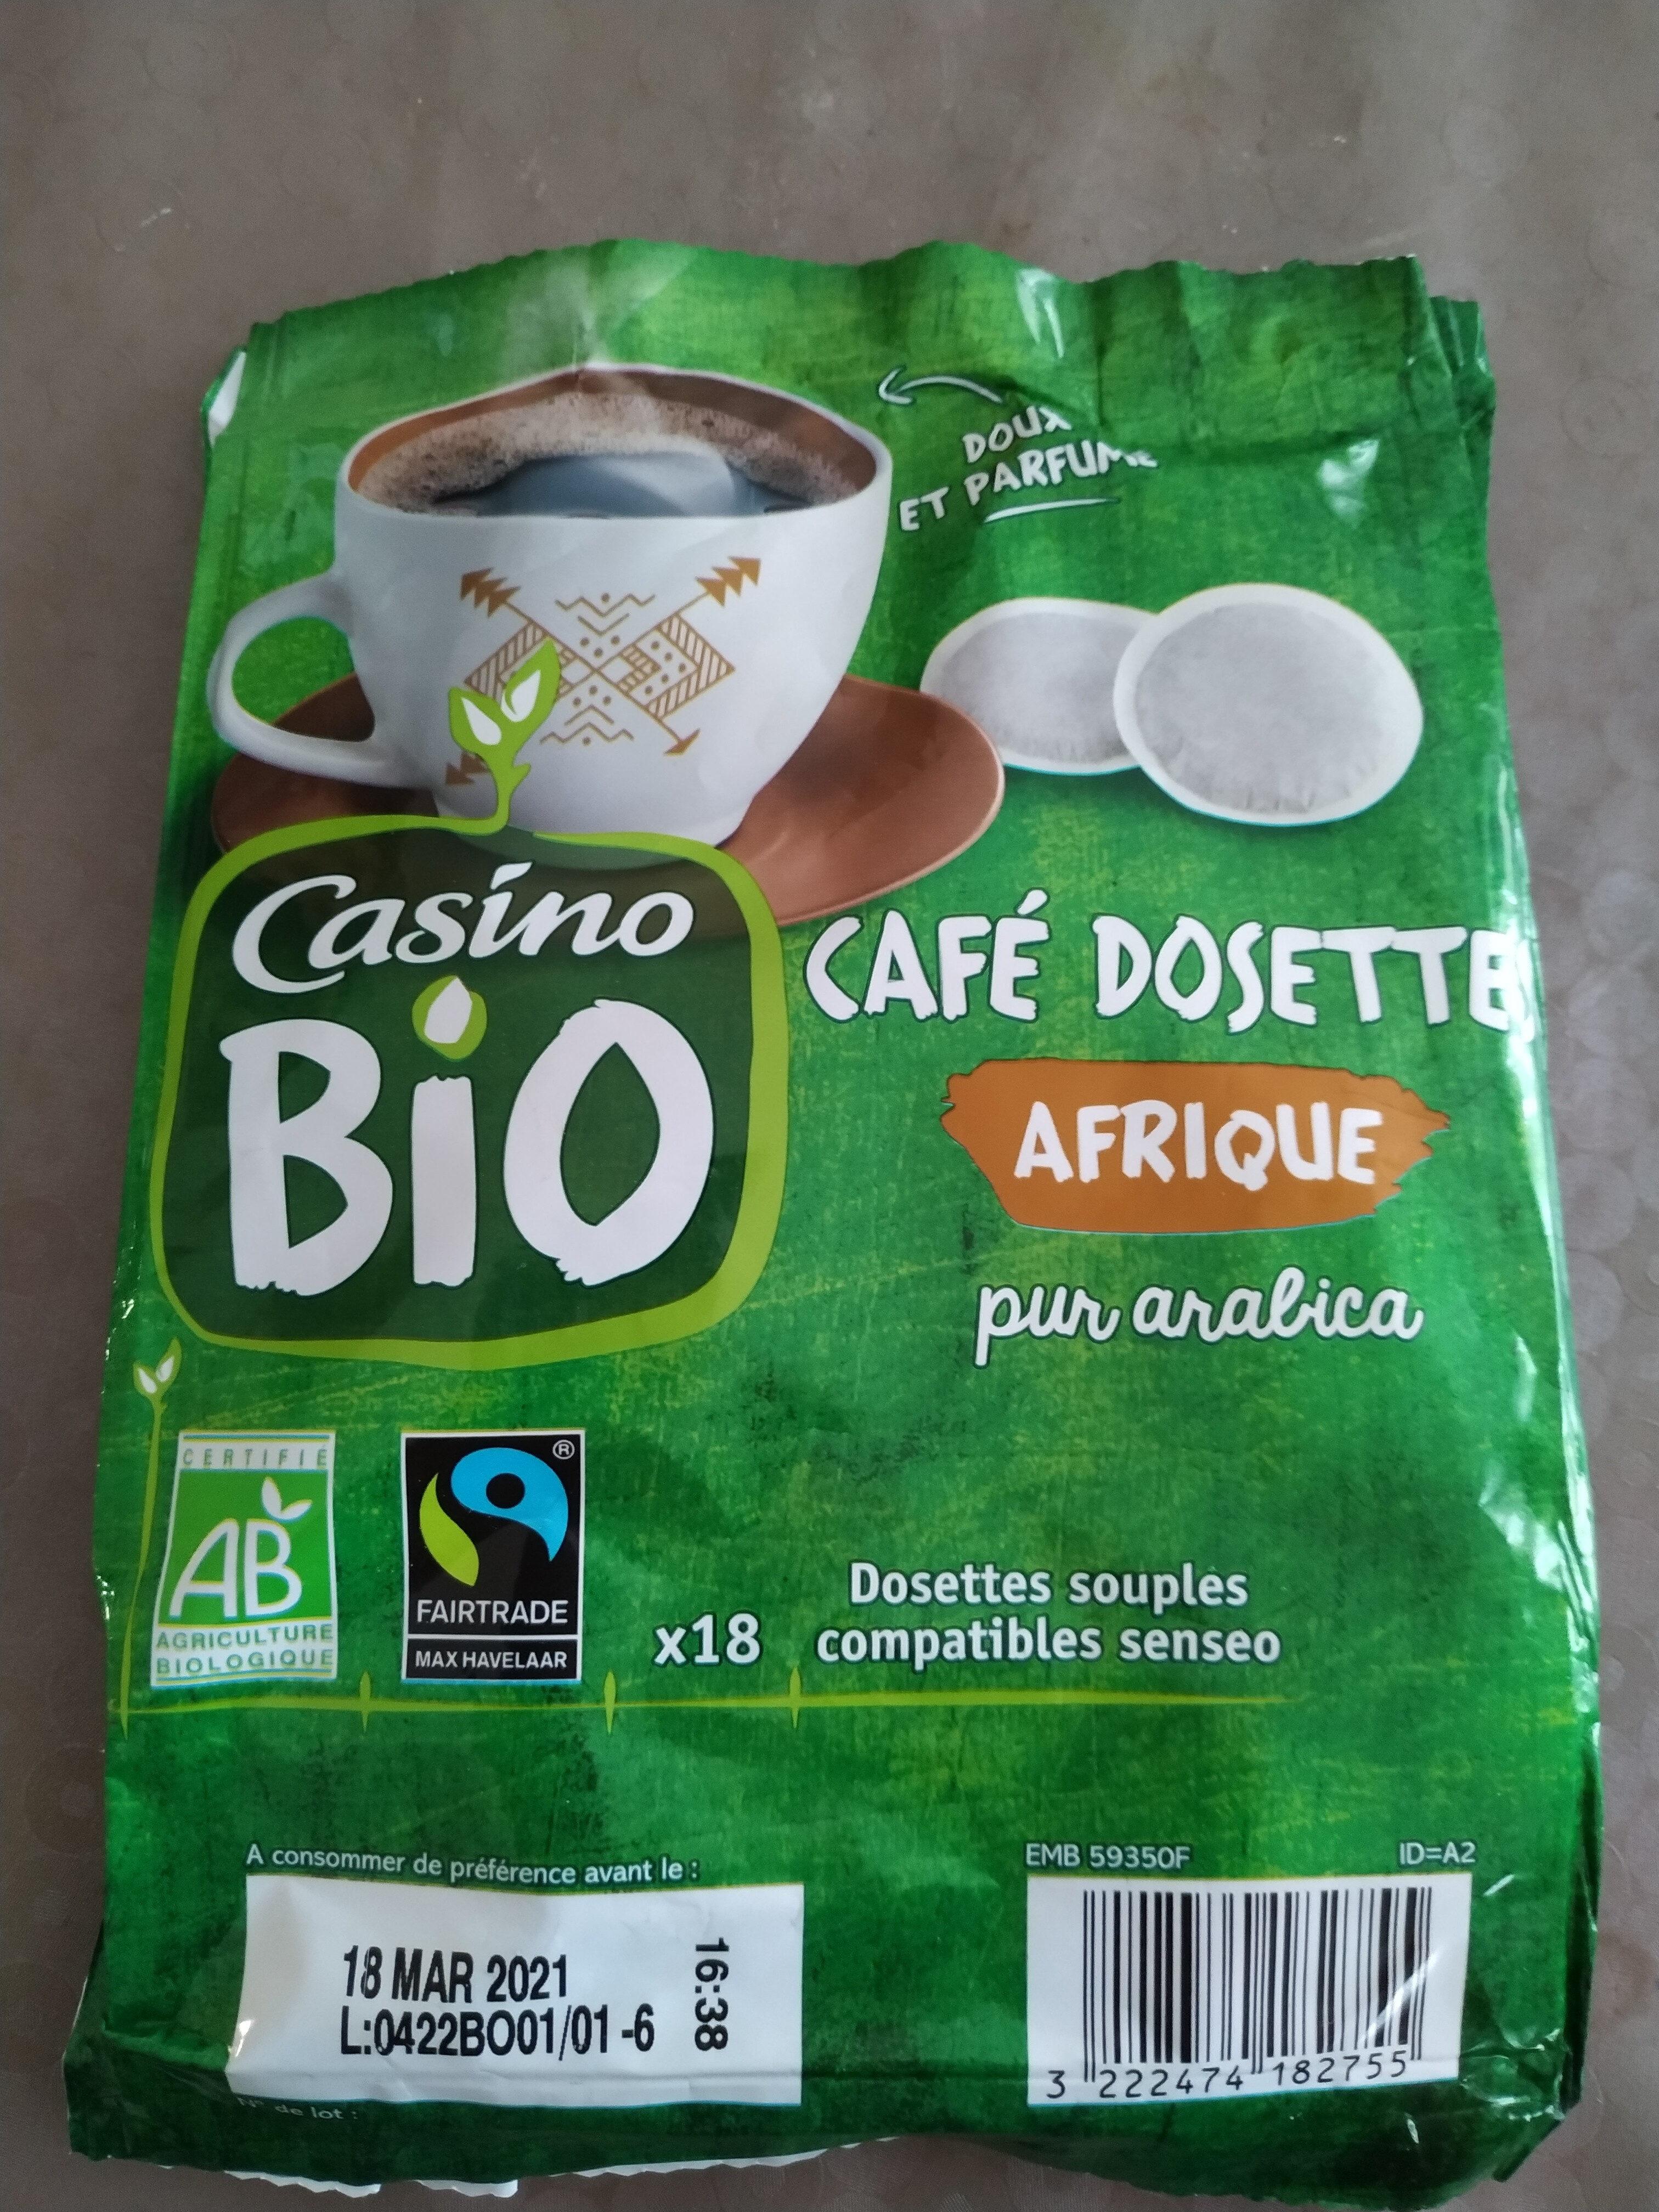 Café Dosettes Pur Arabica Afrique - Product - fr